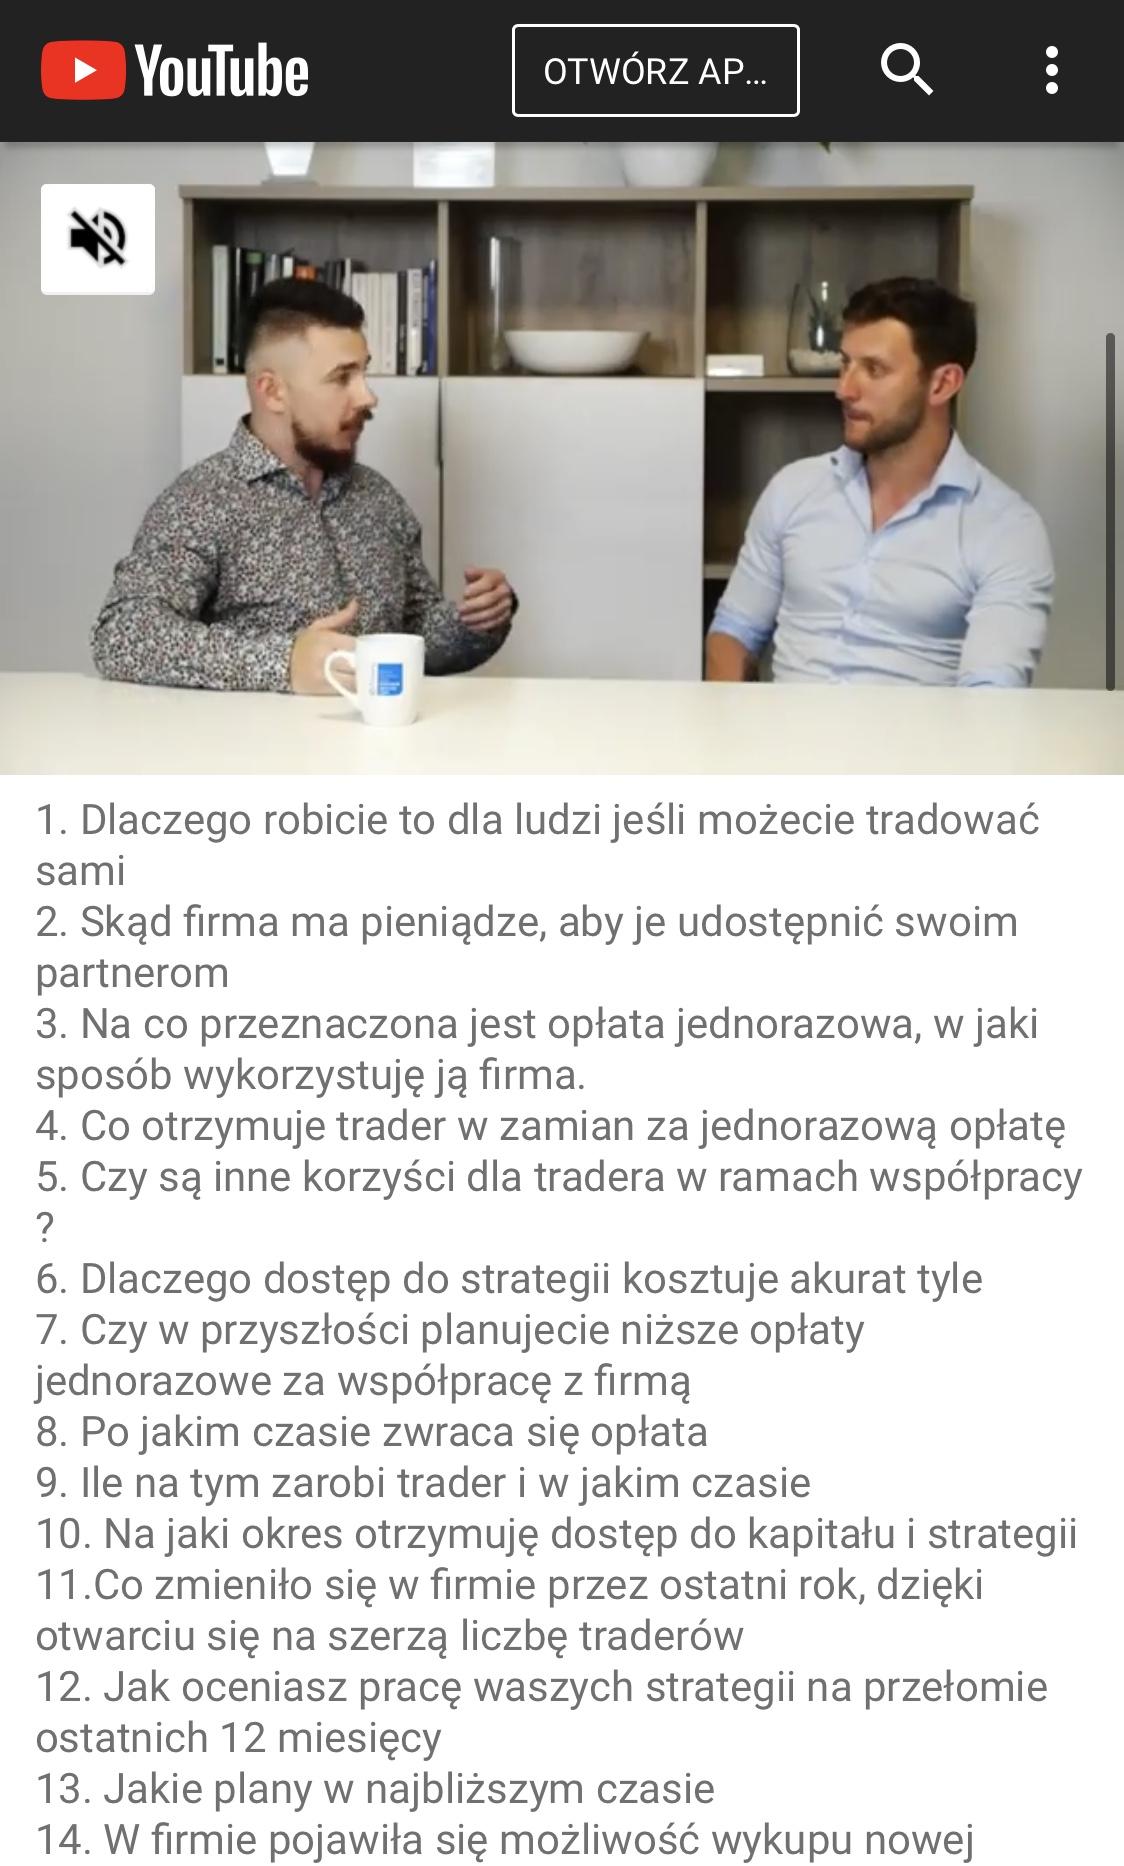 Alior Trader 2 / Platformy / Forex / Serwis inwestycyjny Biura Maklerskiego Alior Banku